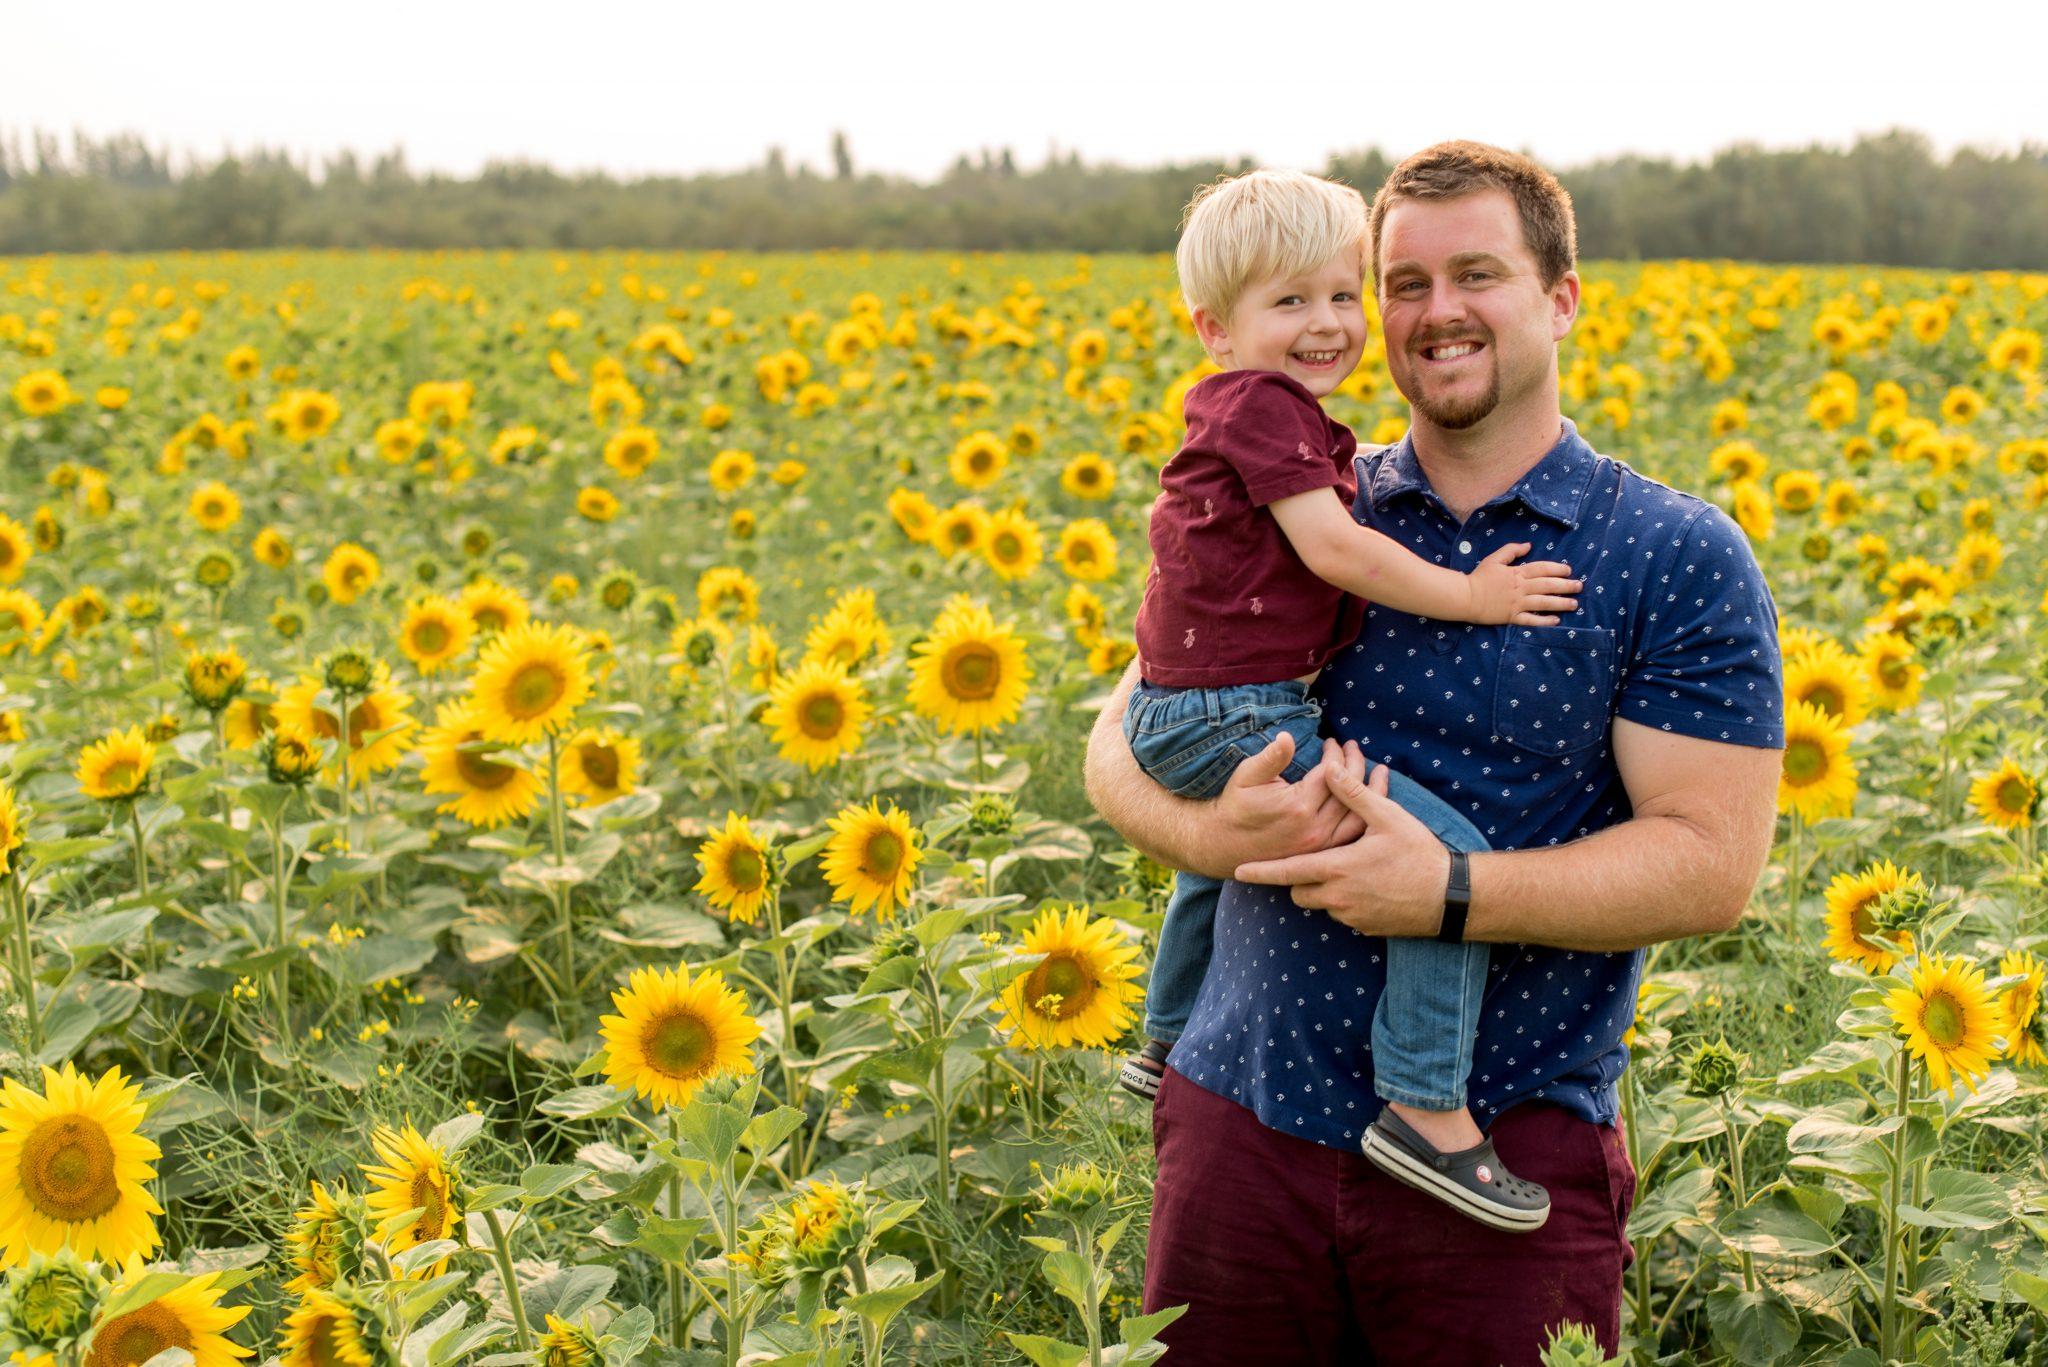 Family Photos in a Sunflower Field at Sturgeon Sunflowers in Edmonton Alberta